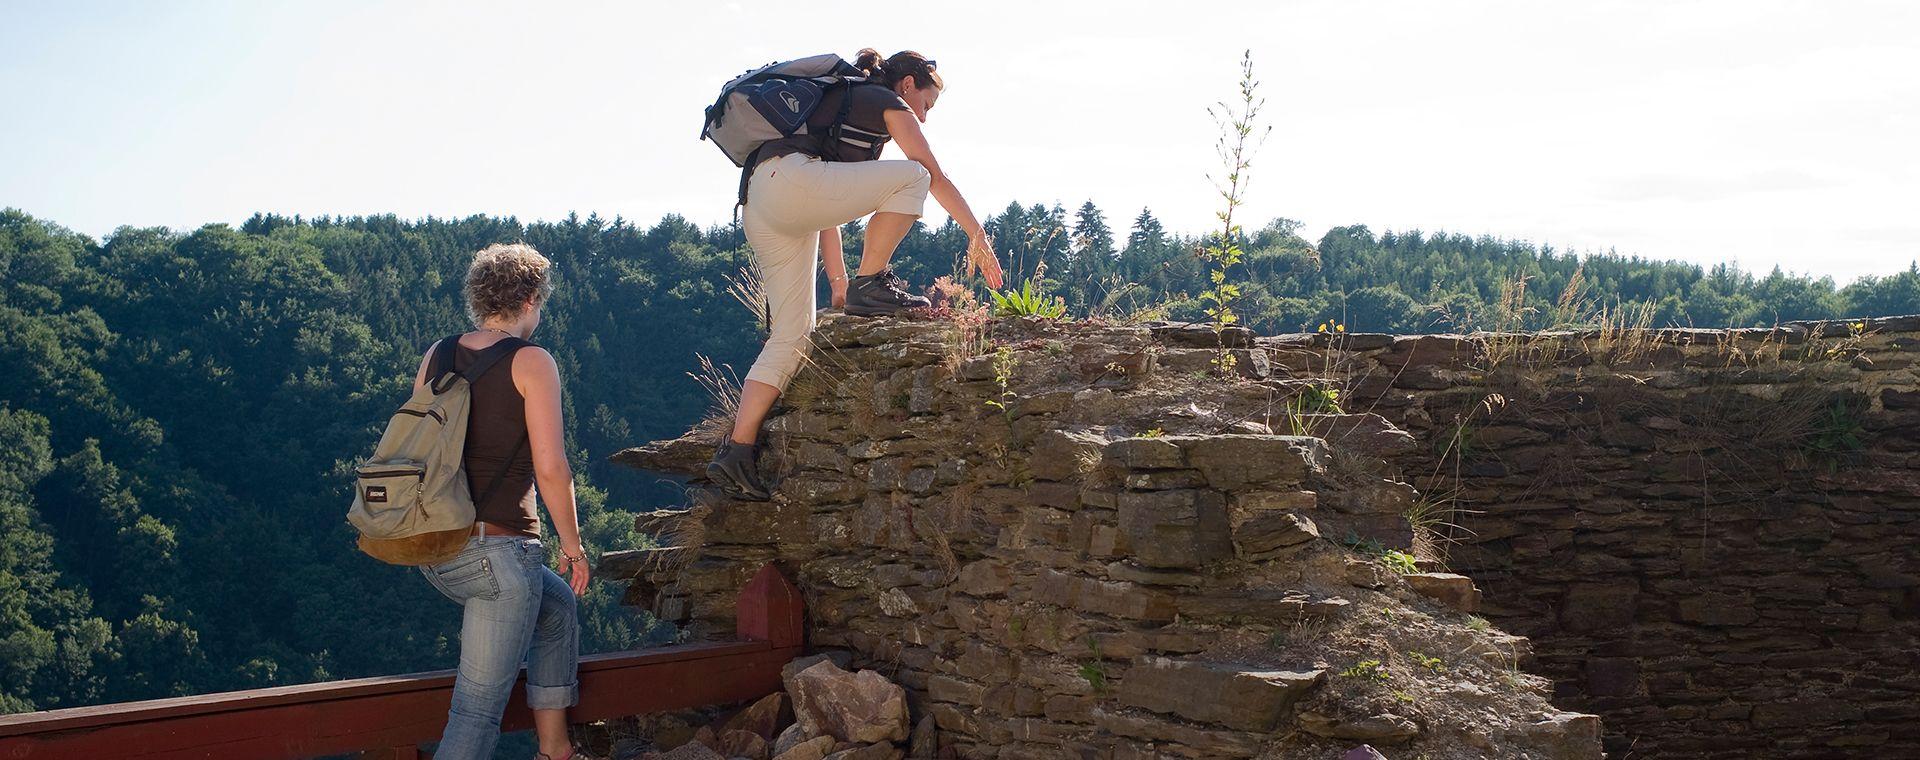 Wanderer klettert auf Ruine